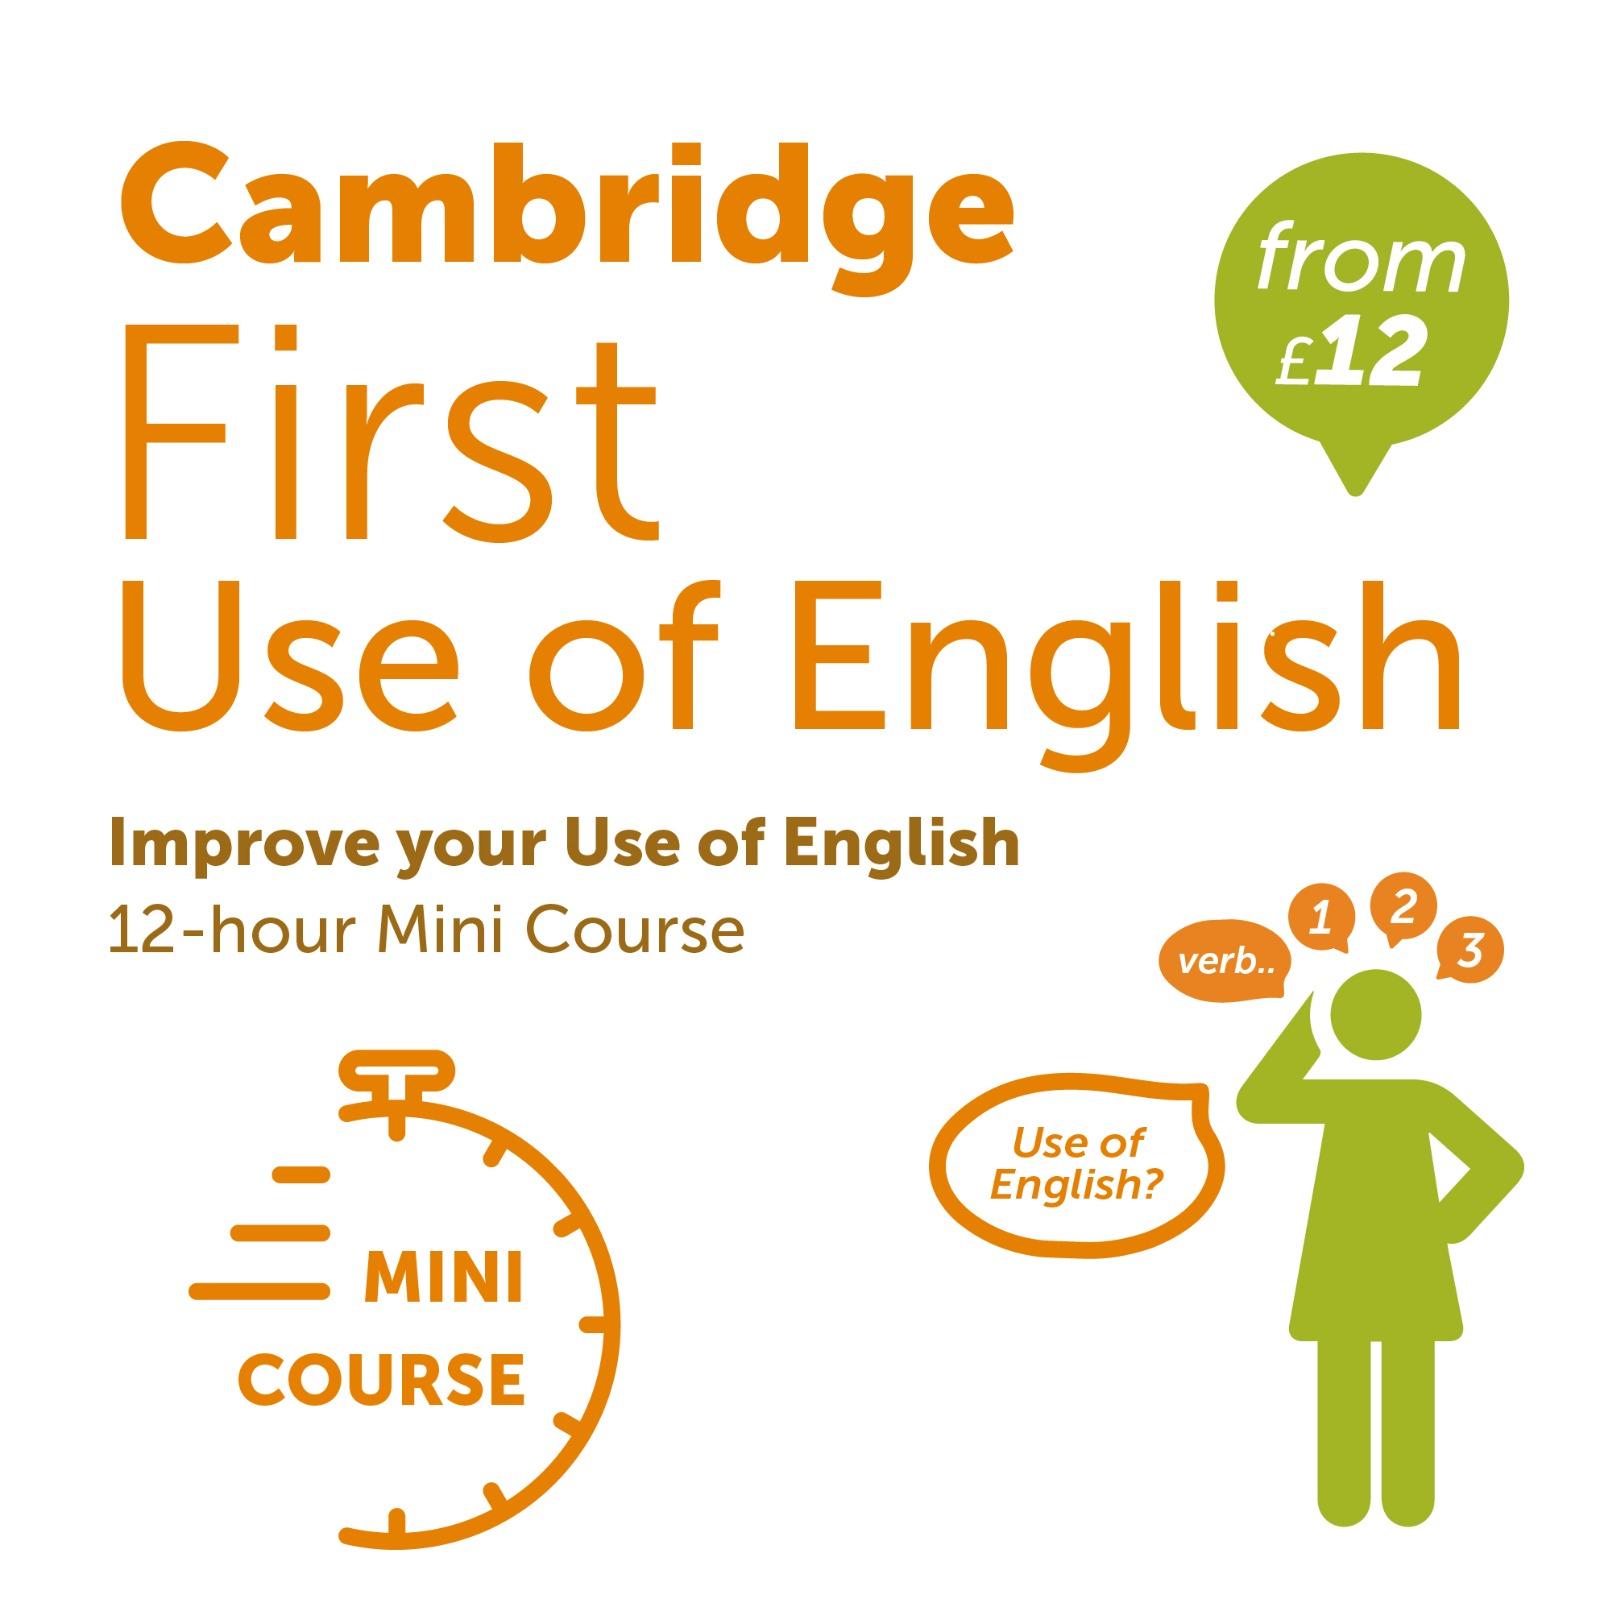 Cambridge Use of English Mini Course